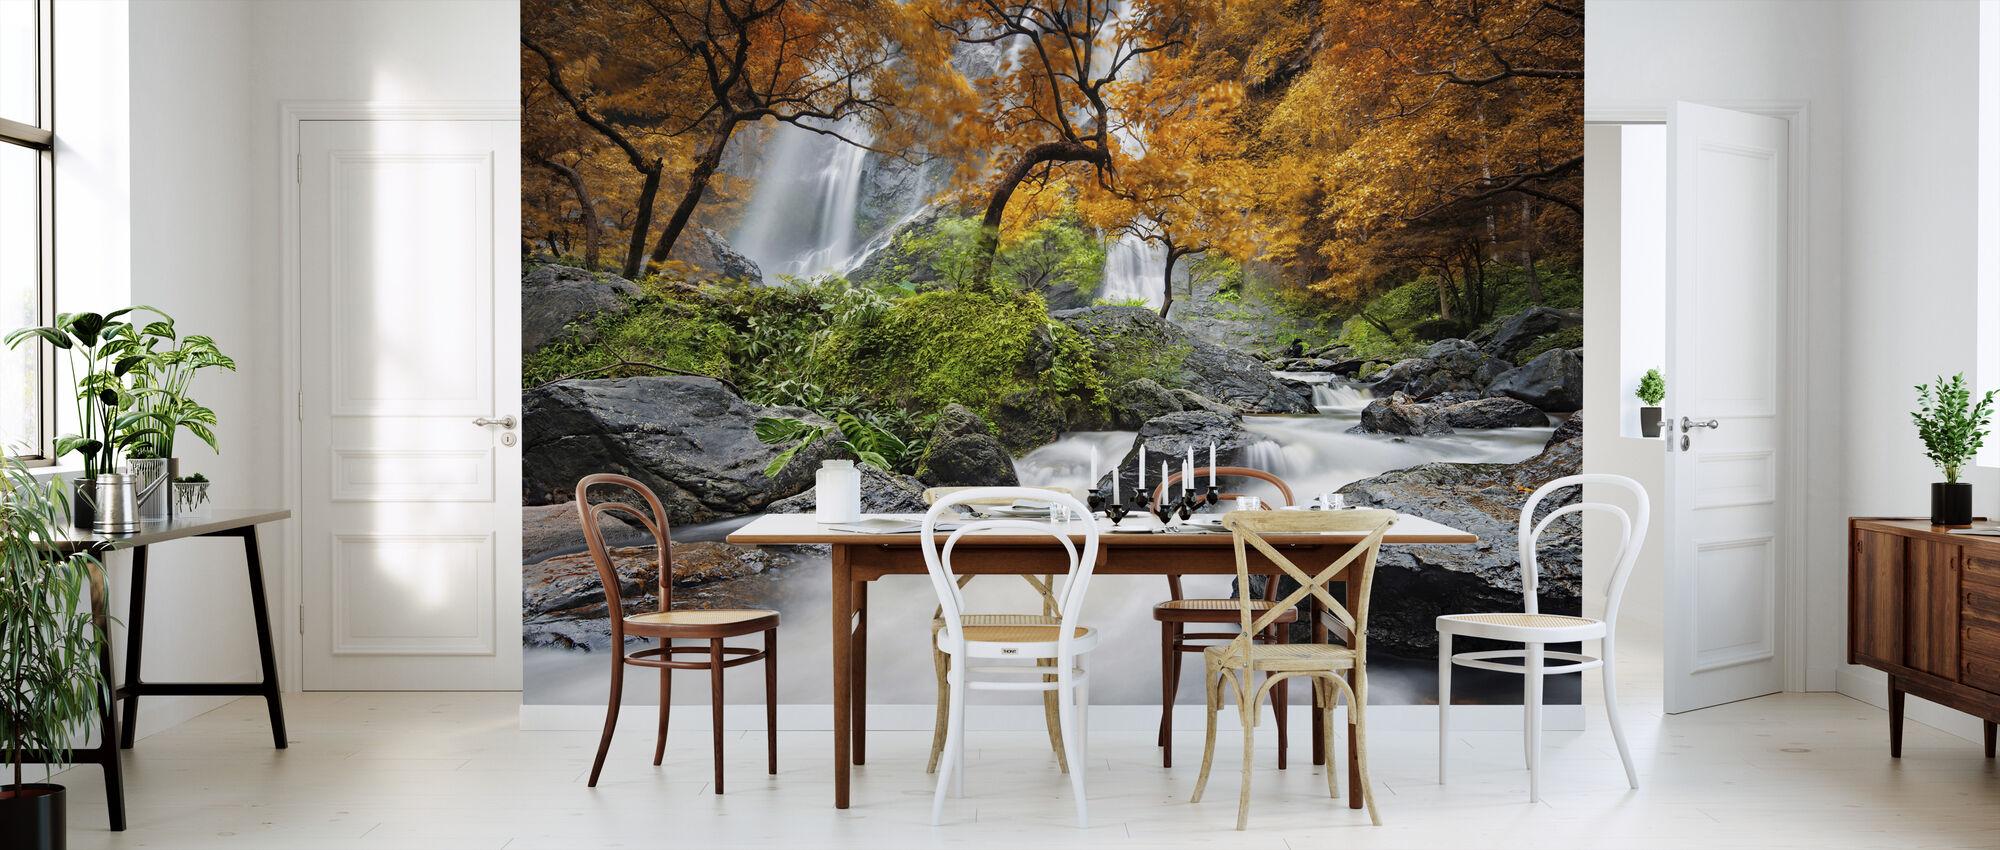 Autumn Waterfall - Wallpaper - Kitchen